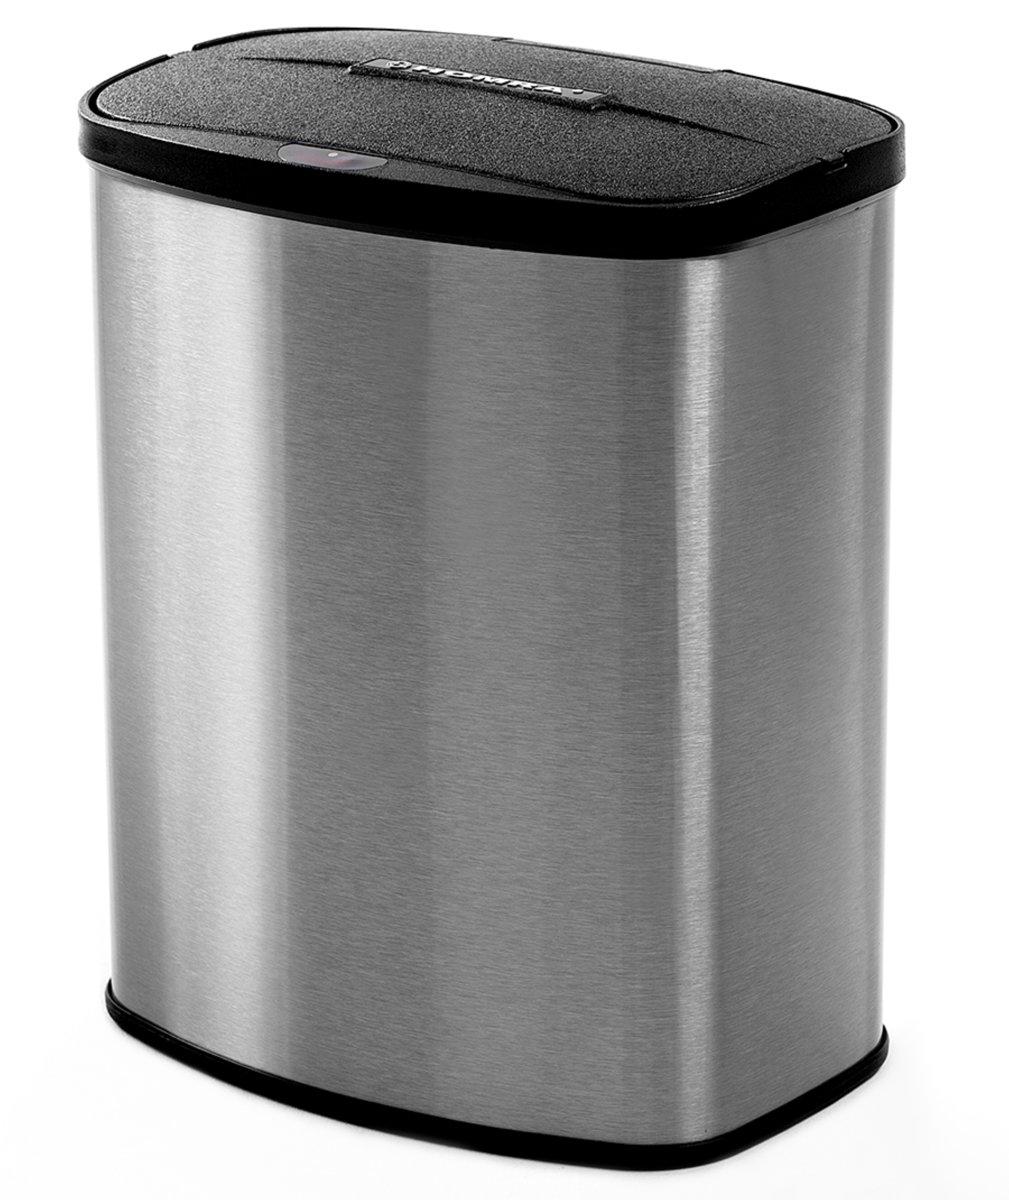 Homra afvalemmer met sensor - toilet prullenbak - badkamer afvalbak - vuilnisbak - 8L - vingerafdruk bestendig RVS - Homra Prime collection